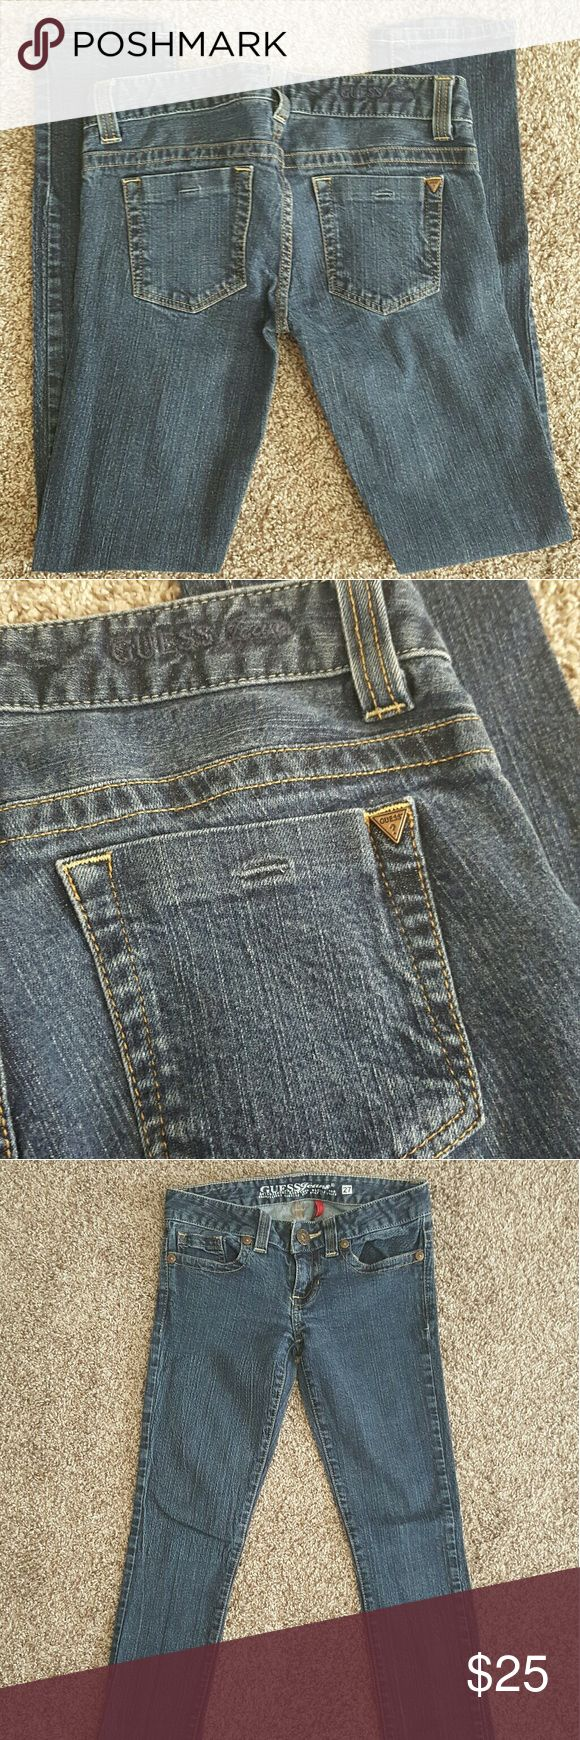 GUESS Jeans Skinny Leg Beautiful pair of dark rinse daredevil guess jeans SIZE 27 Guess Jeans Skinny